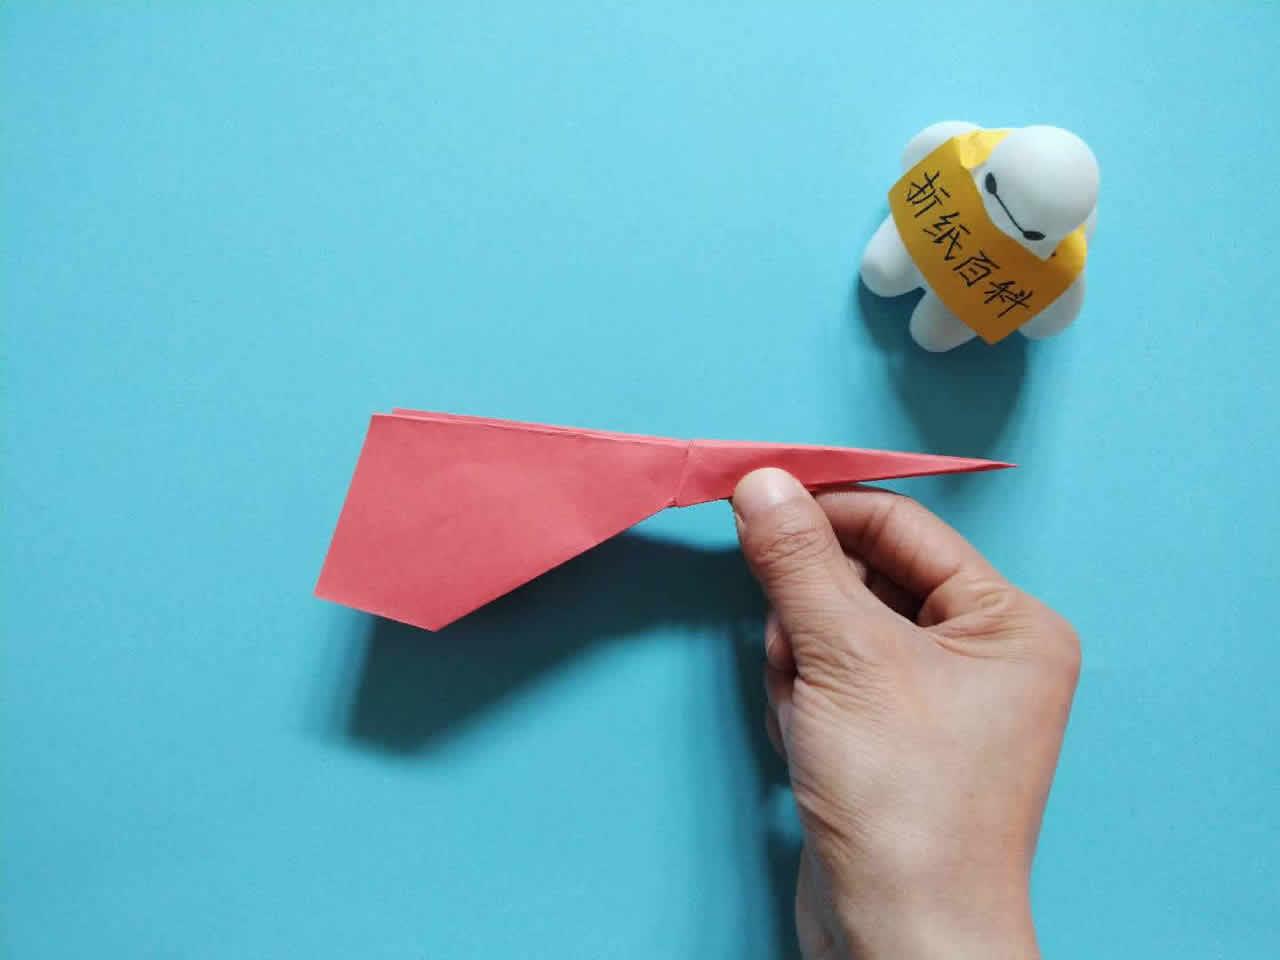 能飞得很远的折纸飞机,简单几步就做好,手工DIY折纸图解教程 家务妙招 第8张